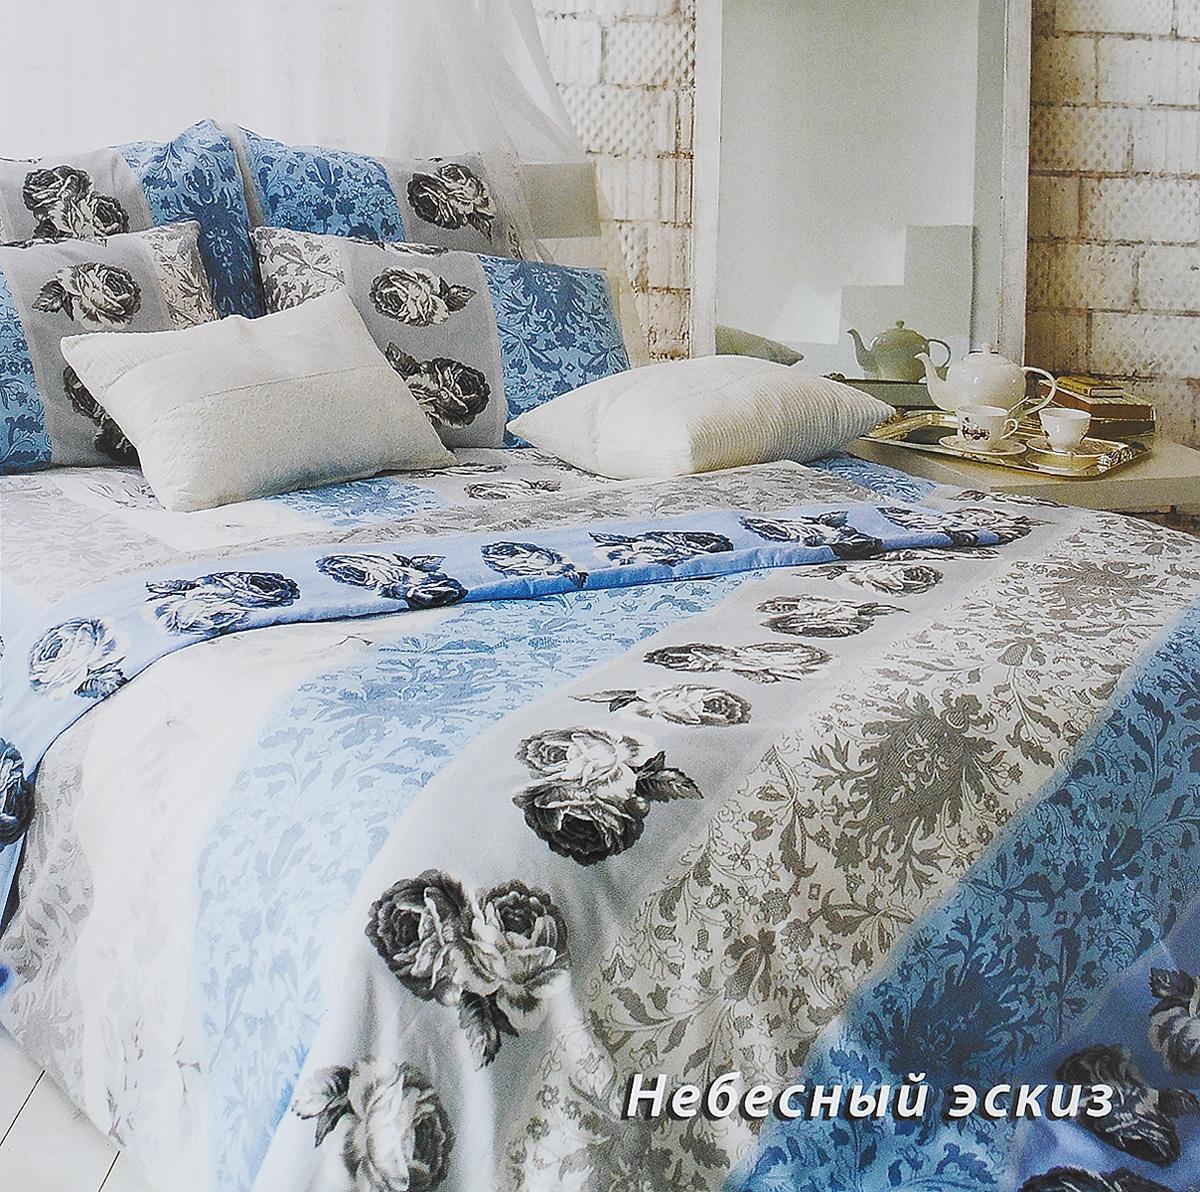 Комплект белья Tiffanys Secret Небесный эскиз, 1,5-спальный, наволочки 70х70, цвет: голубой, белый, серый2040815159Комплект постельного белья Tiffanys Secret Небесный эскиз является экологически безопасным для всей семьи, так как выполнен из сатина (100% хлопок). Комплект состоит из пододеяльника, простыни и двух наволочек. Предметы комплекта оформлены оригинальным рисунком.Благодаря такому комплекту постельного белья вы сможете создать атмосферу уюта и комфорта в вашей спальне.Сатин - это ткань, навсегда покорившая сердца человечества. Ценившие роскошь персы называли ее атлас, а искушенные в прекрасном французы - сатин. Секрет высококачественного сатина в безупречности всего технологического процесса. Эту благородную ткань делают только из отборной натуральной пряжи, которую получают из самого лучшего тонковолокнистого хлопка. Благодаря использованию самой тонкой хлопковой нити получается необычайно мягкое и нежное полотно. Сатиновое постельное белье превращает жаркие летние ночи в прохладные и освежающие, а холодные зимние - в теплые и согревающие. Сатин очень приятен на ощупь, постельное белье из него долговечно, выдерживает более 300 стирок, и лишь спустя долгое время материал начинает немного тускнеть. Оцените все достоинства постельного белья из сатина, выбирая самое лучшее для себя!